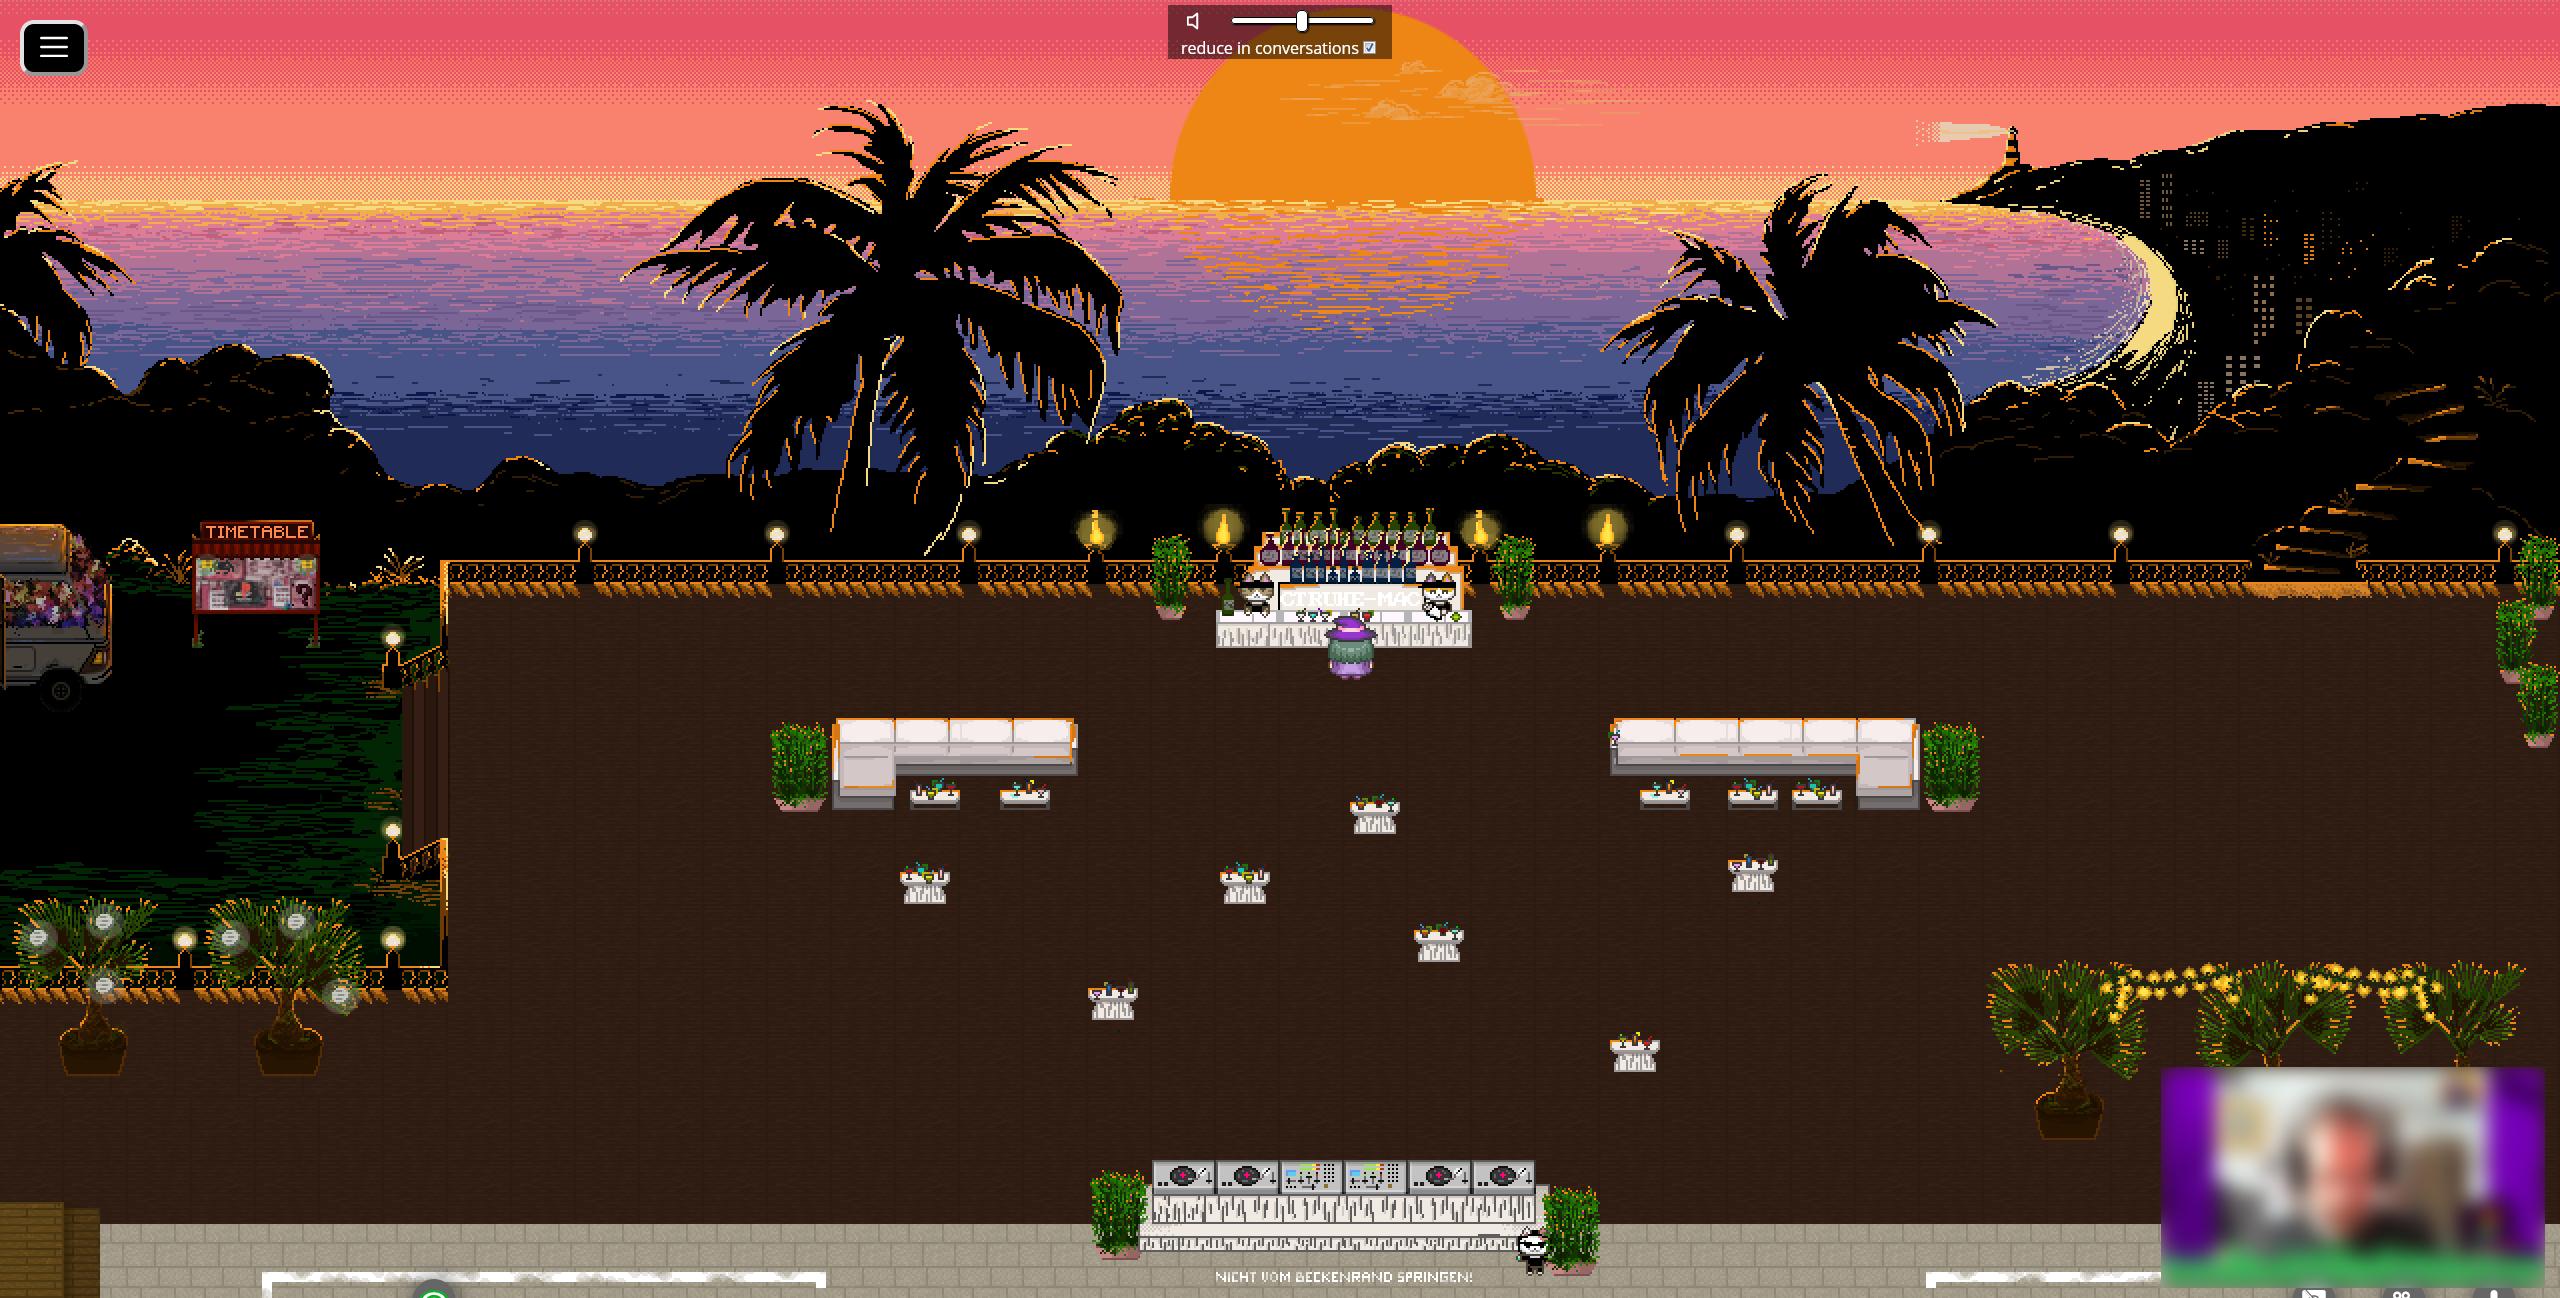 Screenshot einer Open Air-Bar mit zwei Katzen-Barkeepern, vor denen ein Avatar steht. Ebenfalls finden sich mehrere Stehtische und ein DJ-Bereich in der Szene. Im Hintergrund sieht man Palmen, das Meer und die untergehende Sonne.